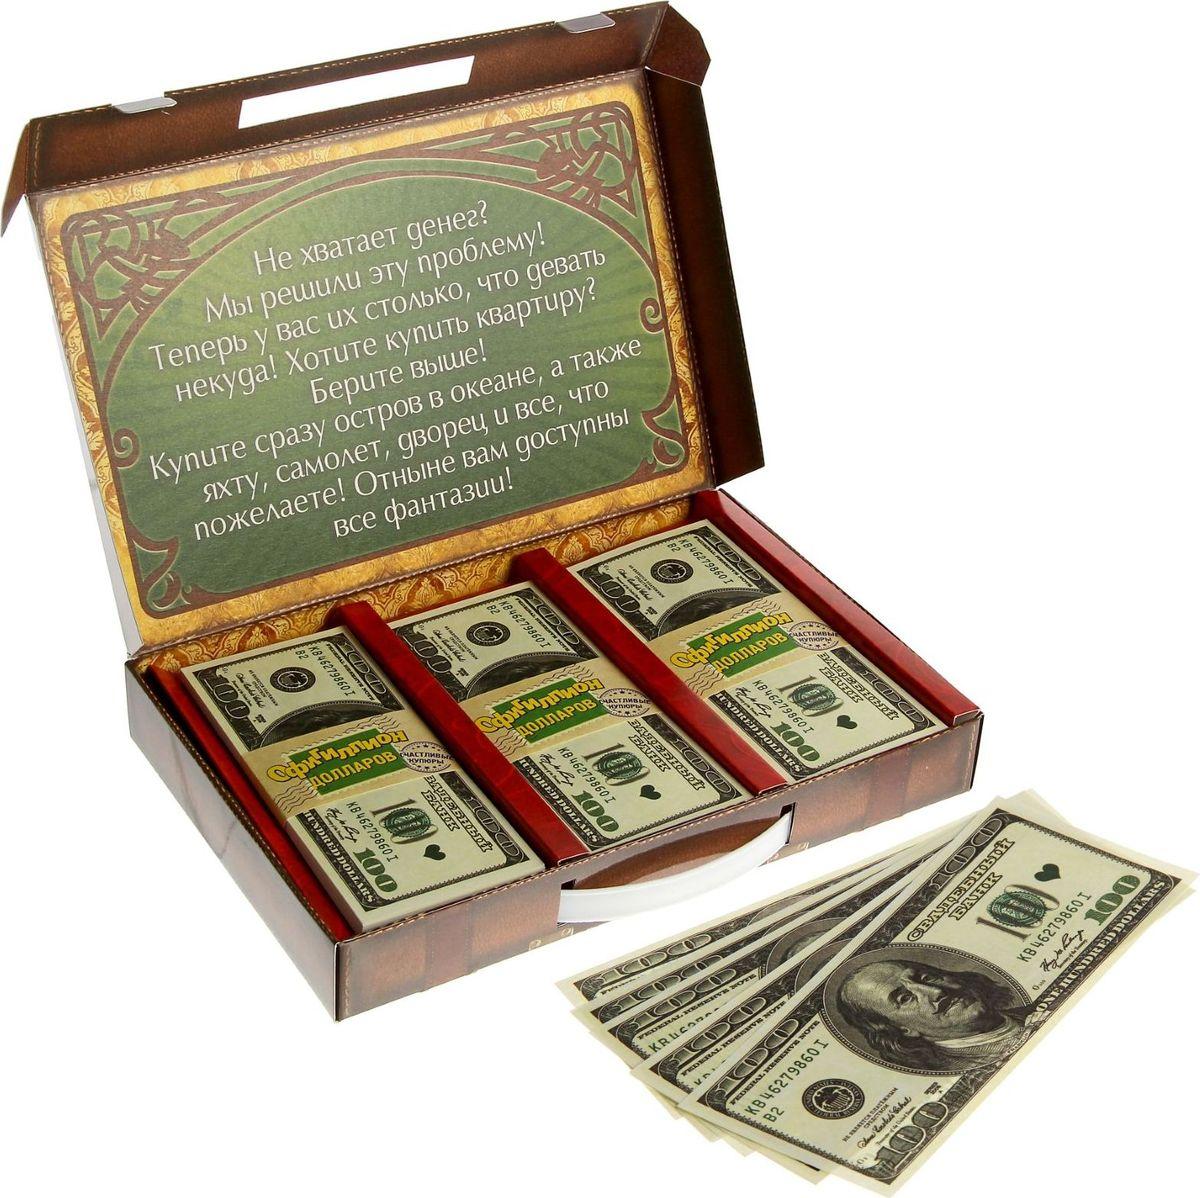 Деньги — самый распространенный подарок на любое торжество. Почему бы не  подарить своим близким офигиллион долларов?! Тем более, что сделать это  очень просто. Внутри чемодана находятся три стопки денежных купюр и написан  текст, который можно использовать в качестве поздравления. Необычный яркий  дизайн изделия создаст праздничное настроение и подарит море позитивных  эмоций! Теперь можно не только пожелать чемодан денег, но и подарить его!